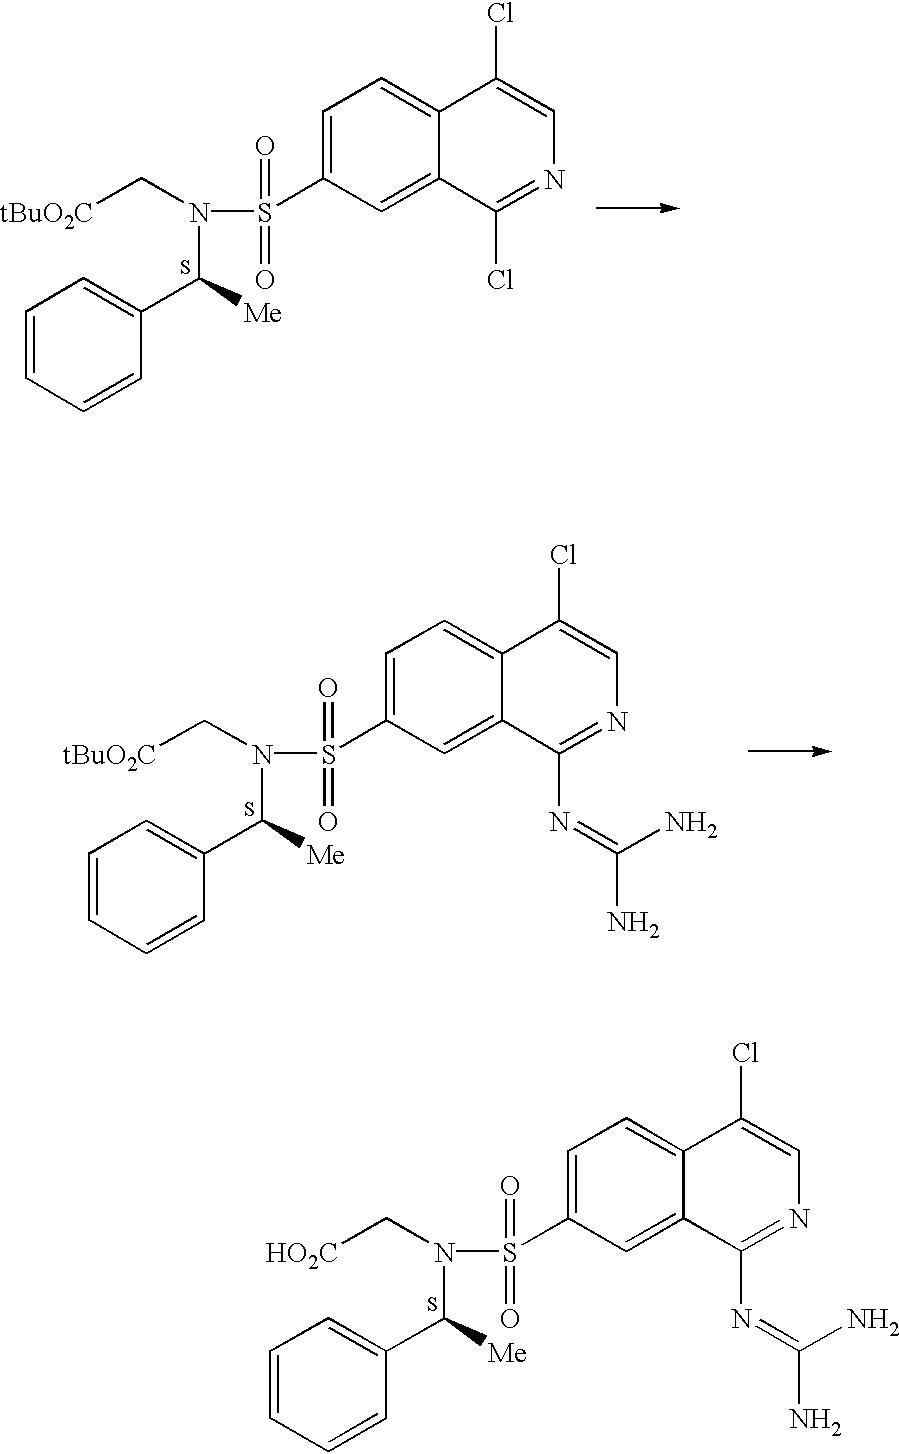 Figure US20030199440A1-20031023-C00054